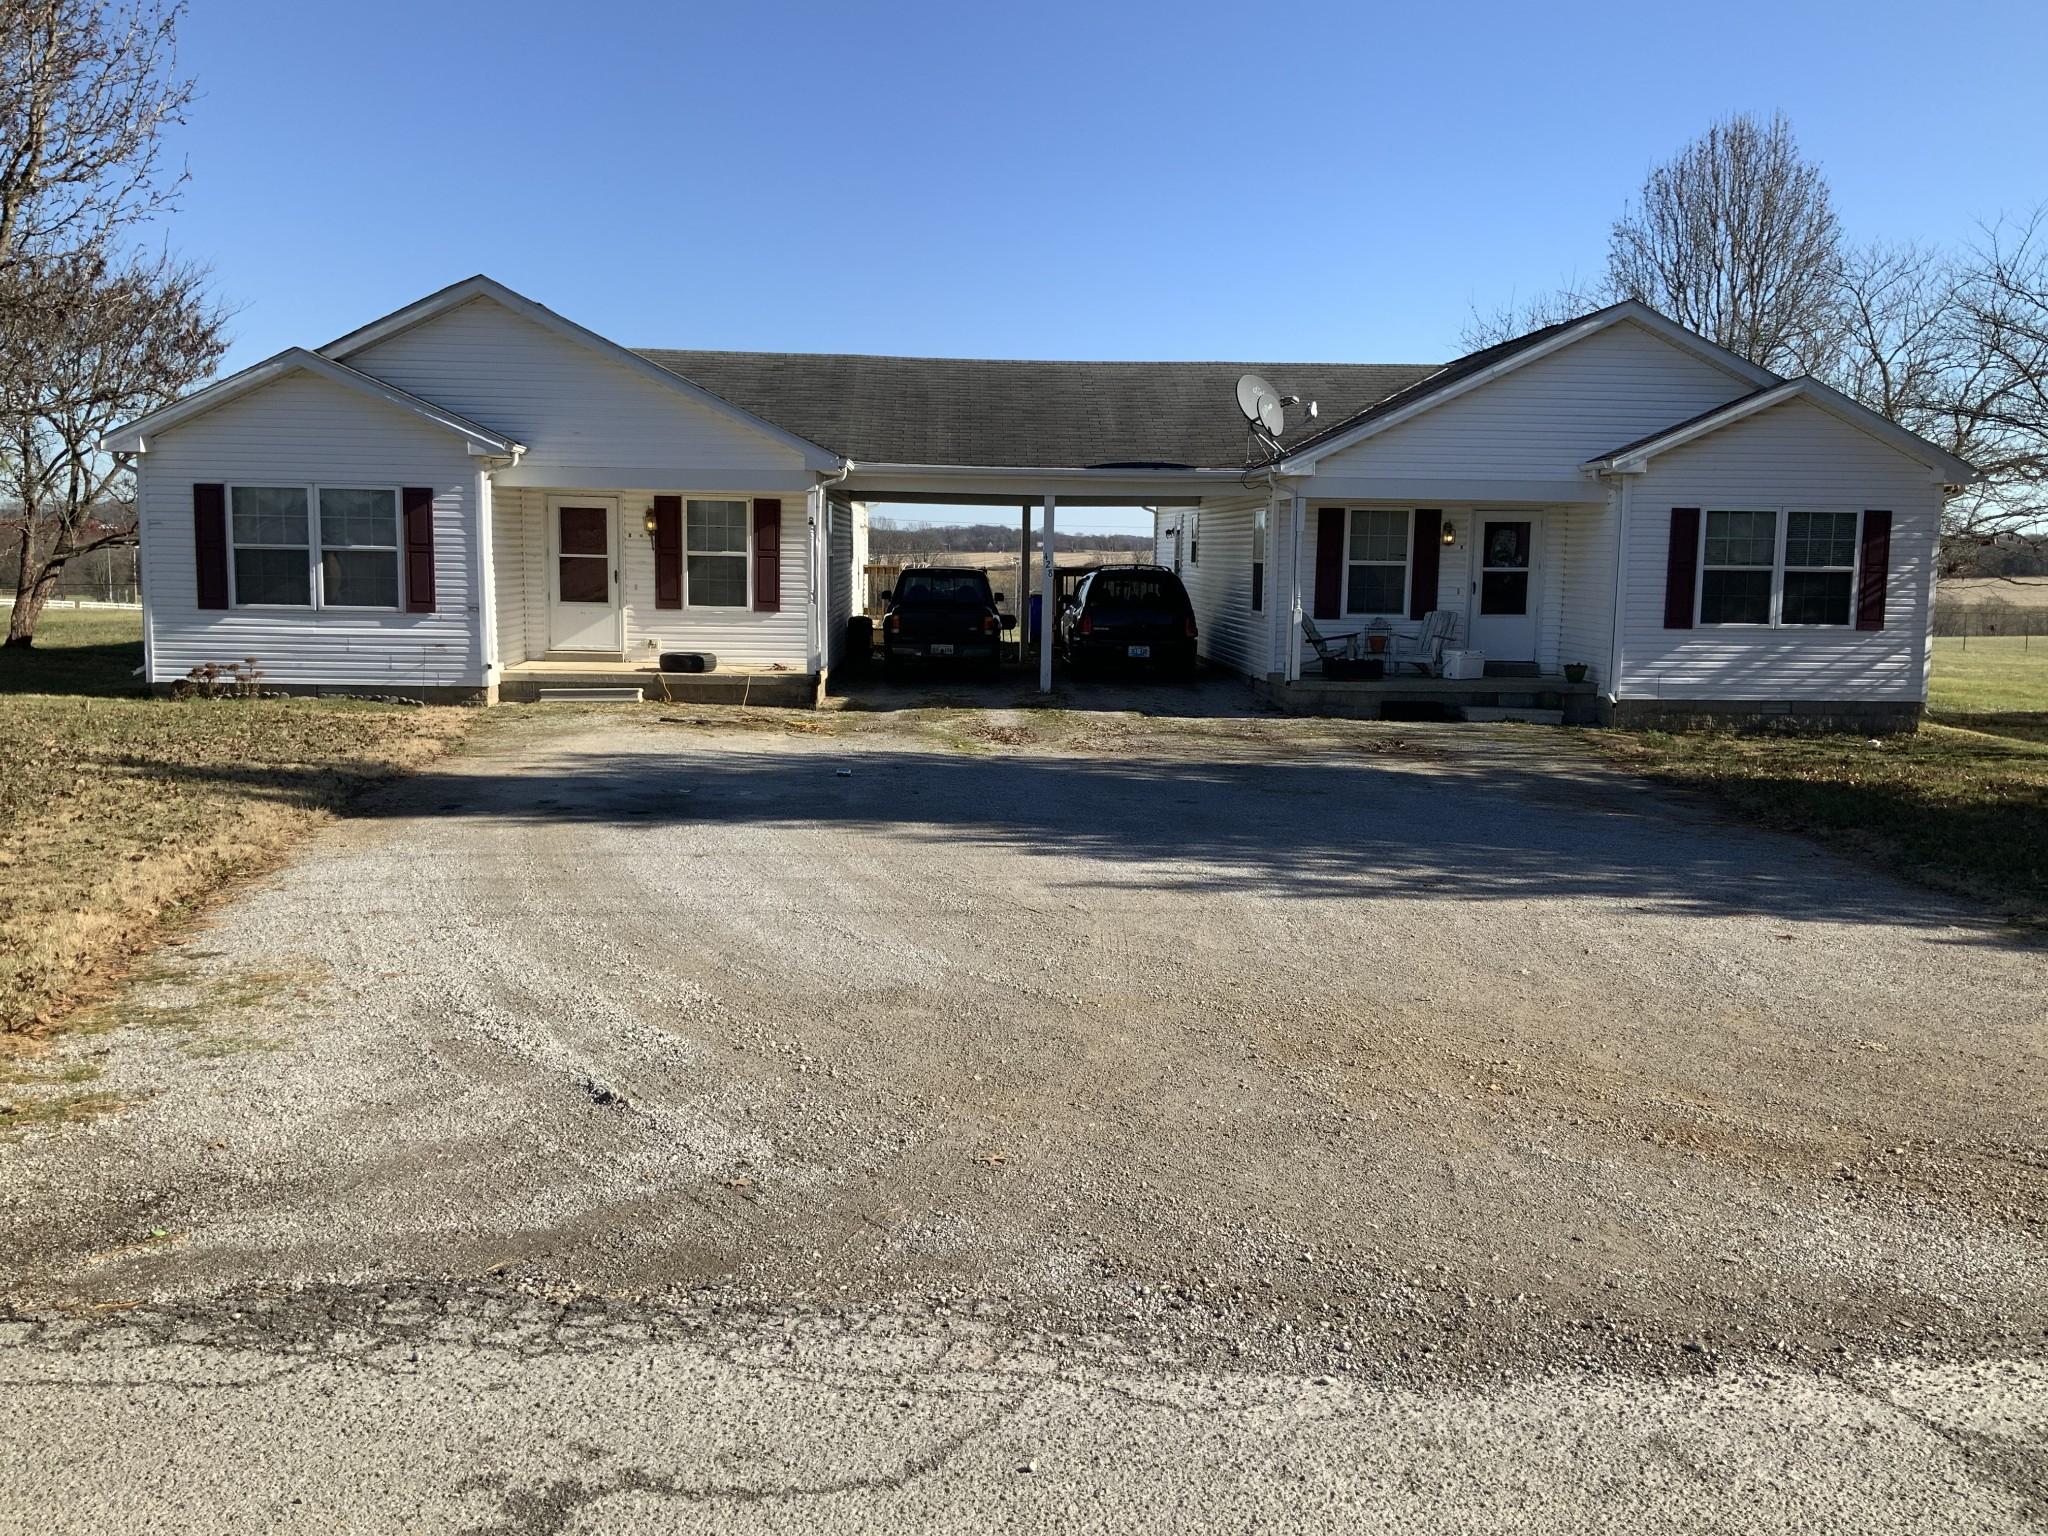 428 Filter Plant Rd, Franklin, KY 42134 - Franklin, KY real estate listing